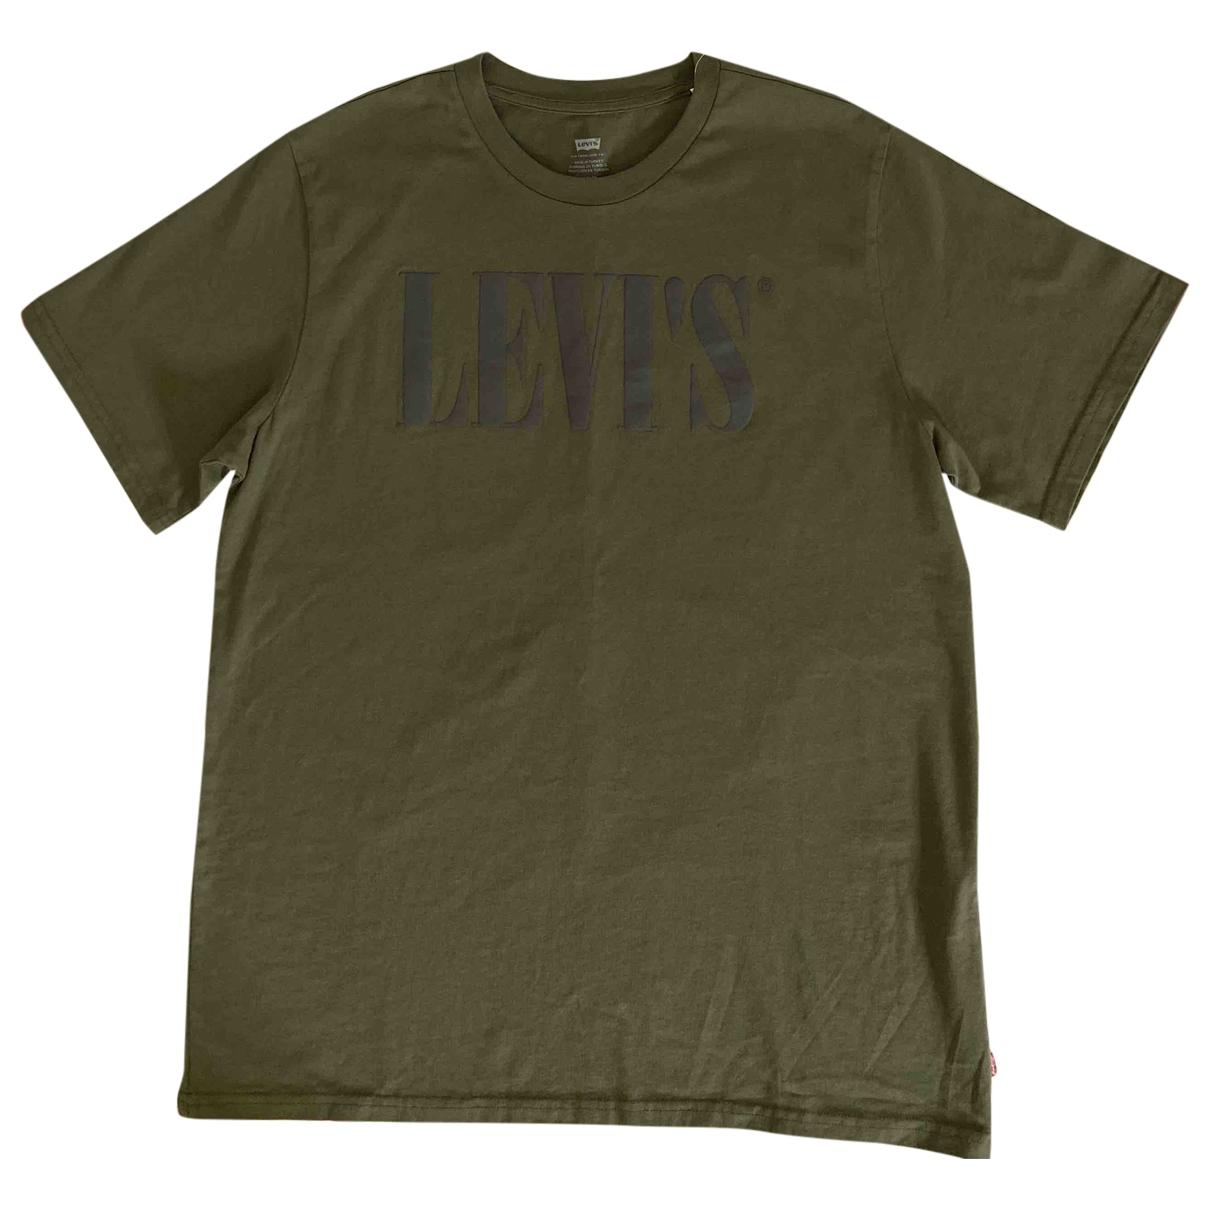 Levis - Tee shirts   pour homme en coton - kaki